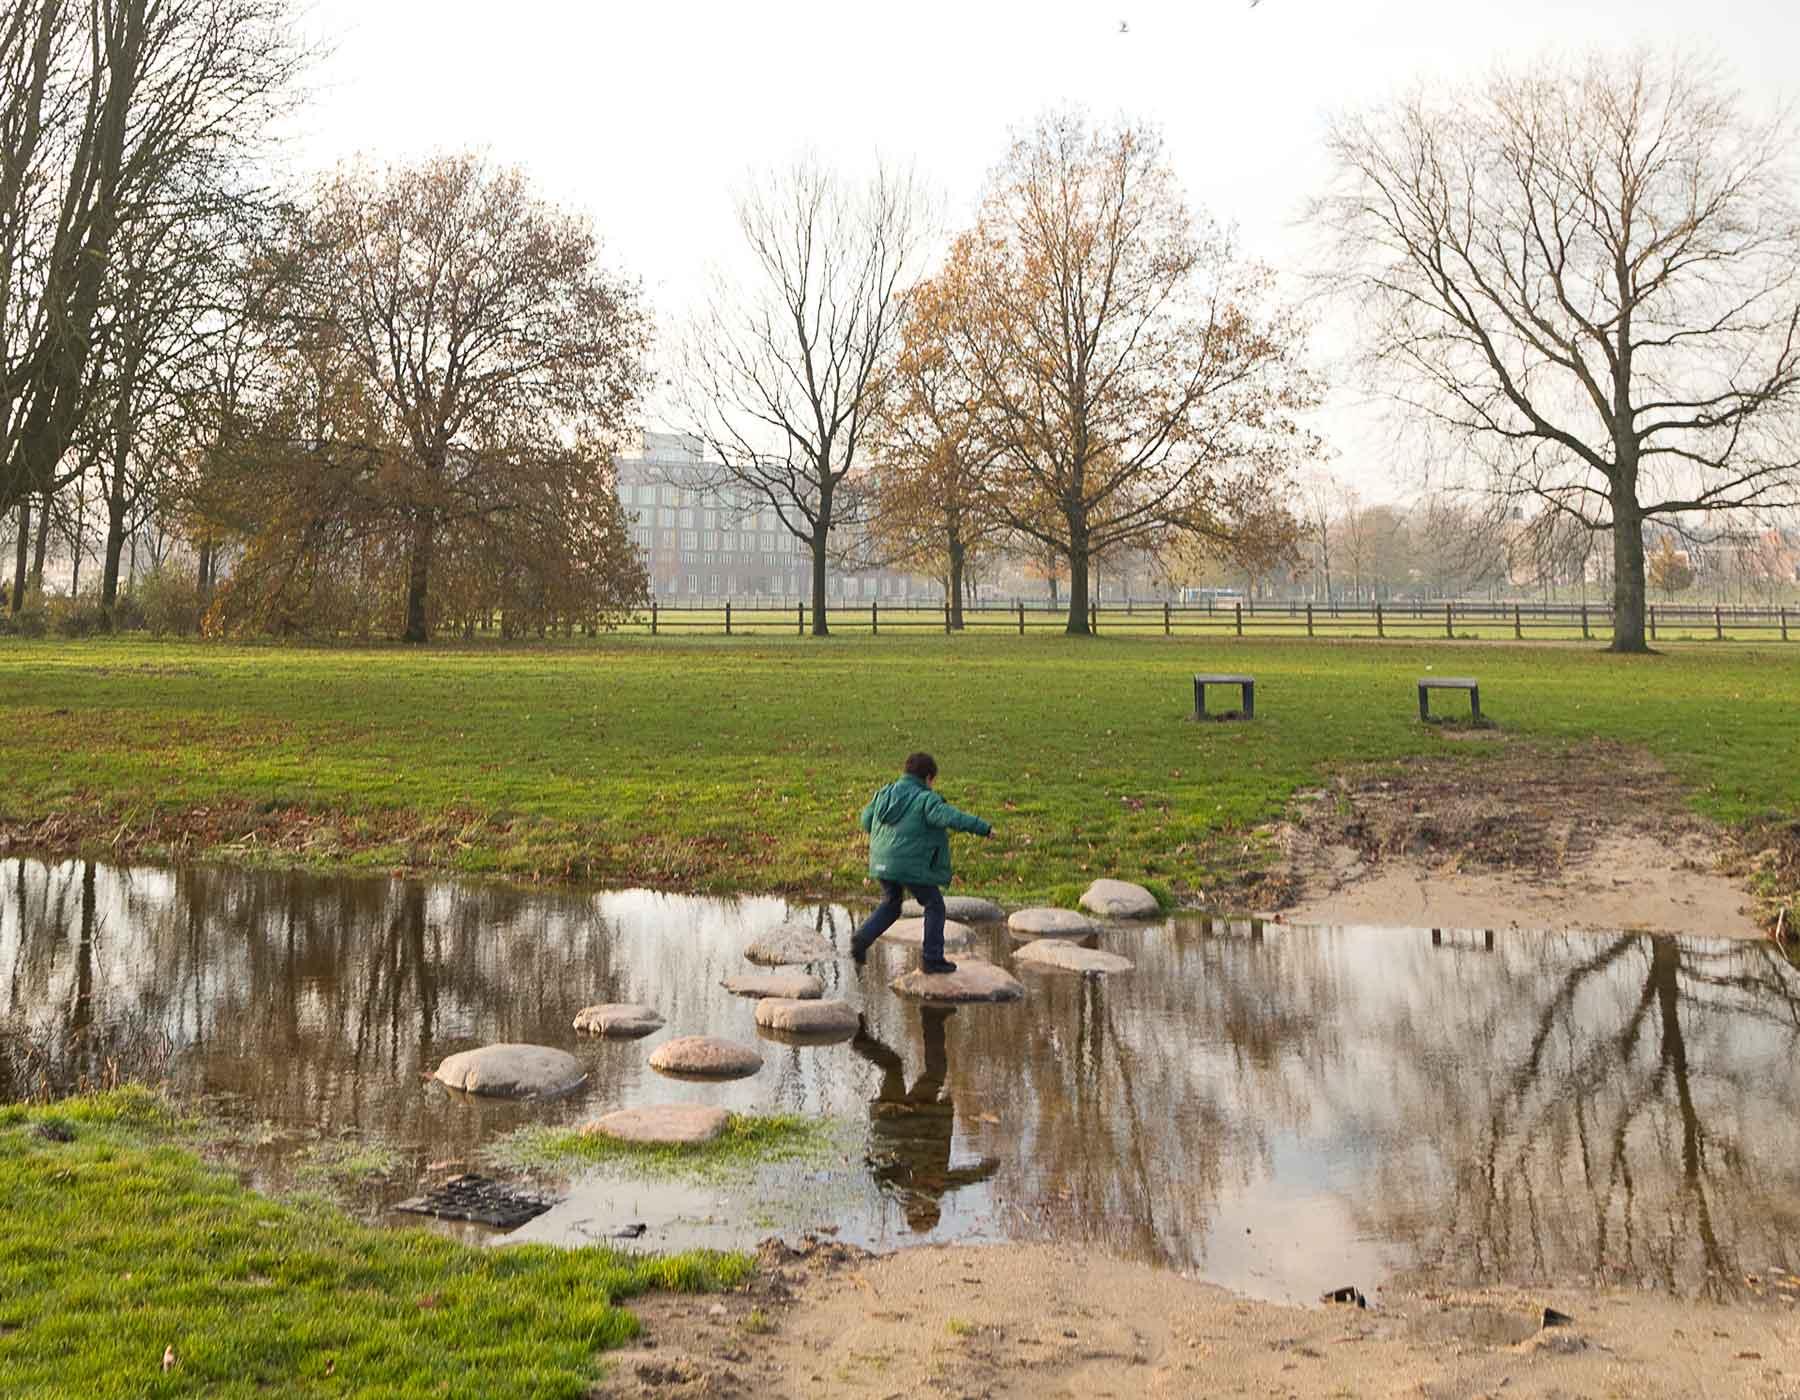 Fonkelnieuw Investeer in groen voor jeugd   beweegvriendelijke omgeving VR-16